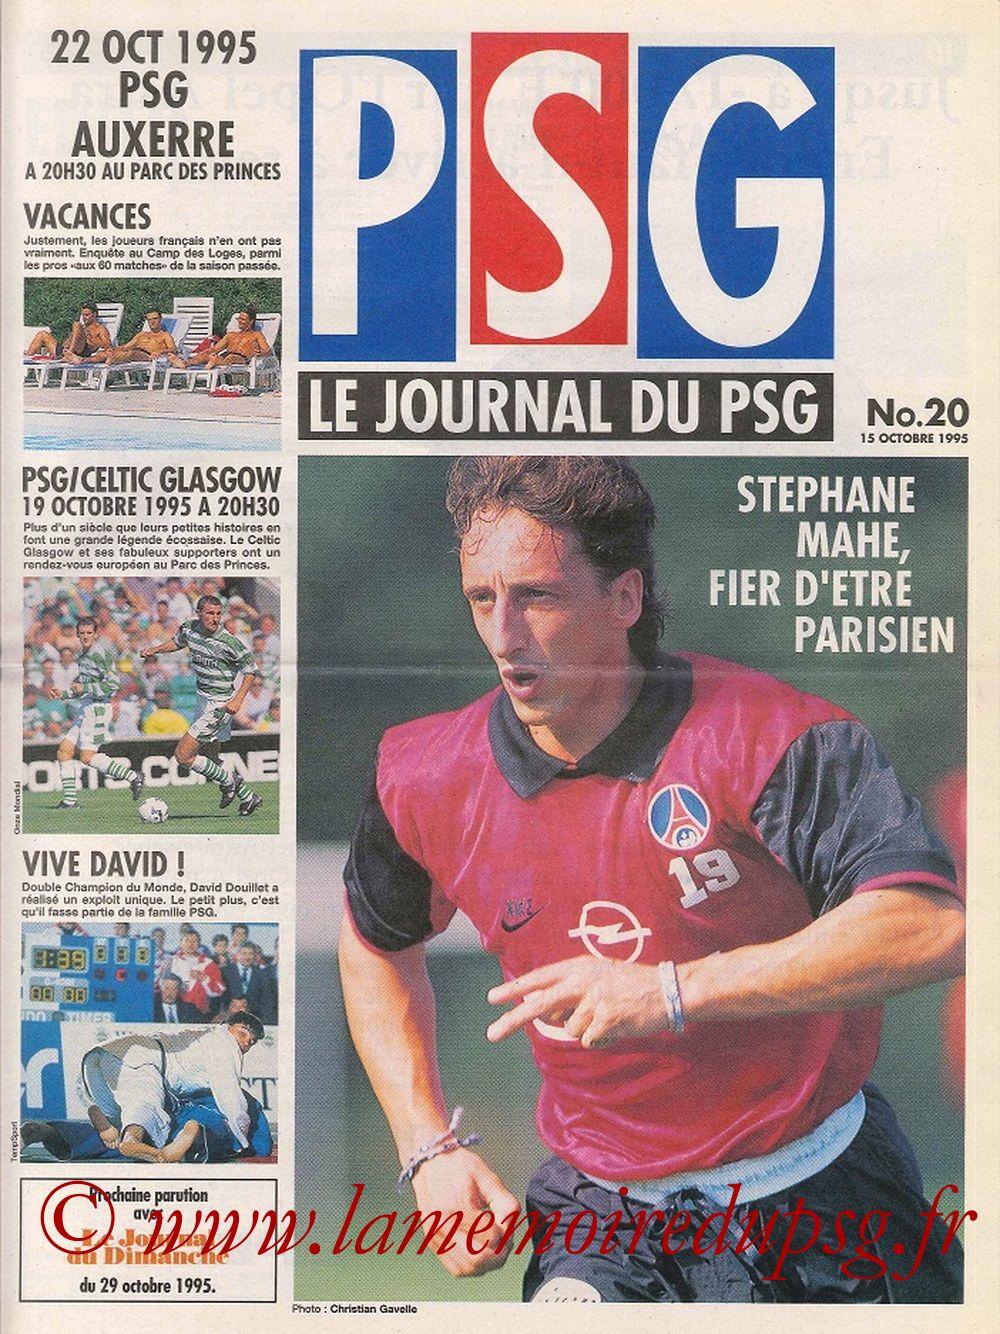 1995-10-22  PSG-Auxerre (14ème D1, Le journal du PSG N°20)